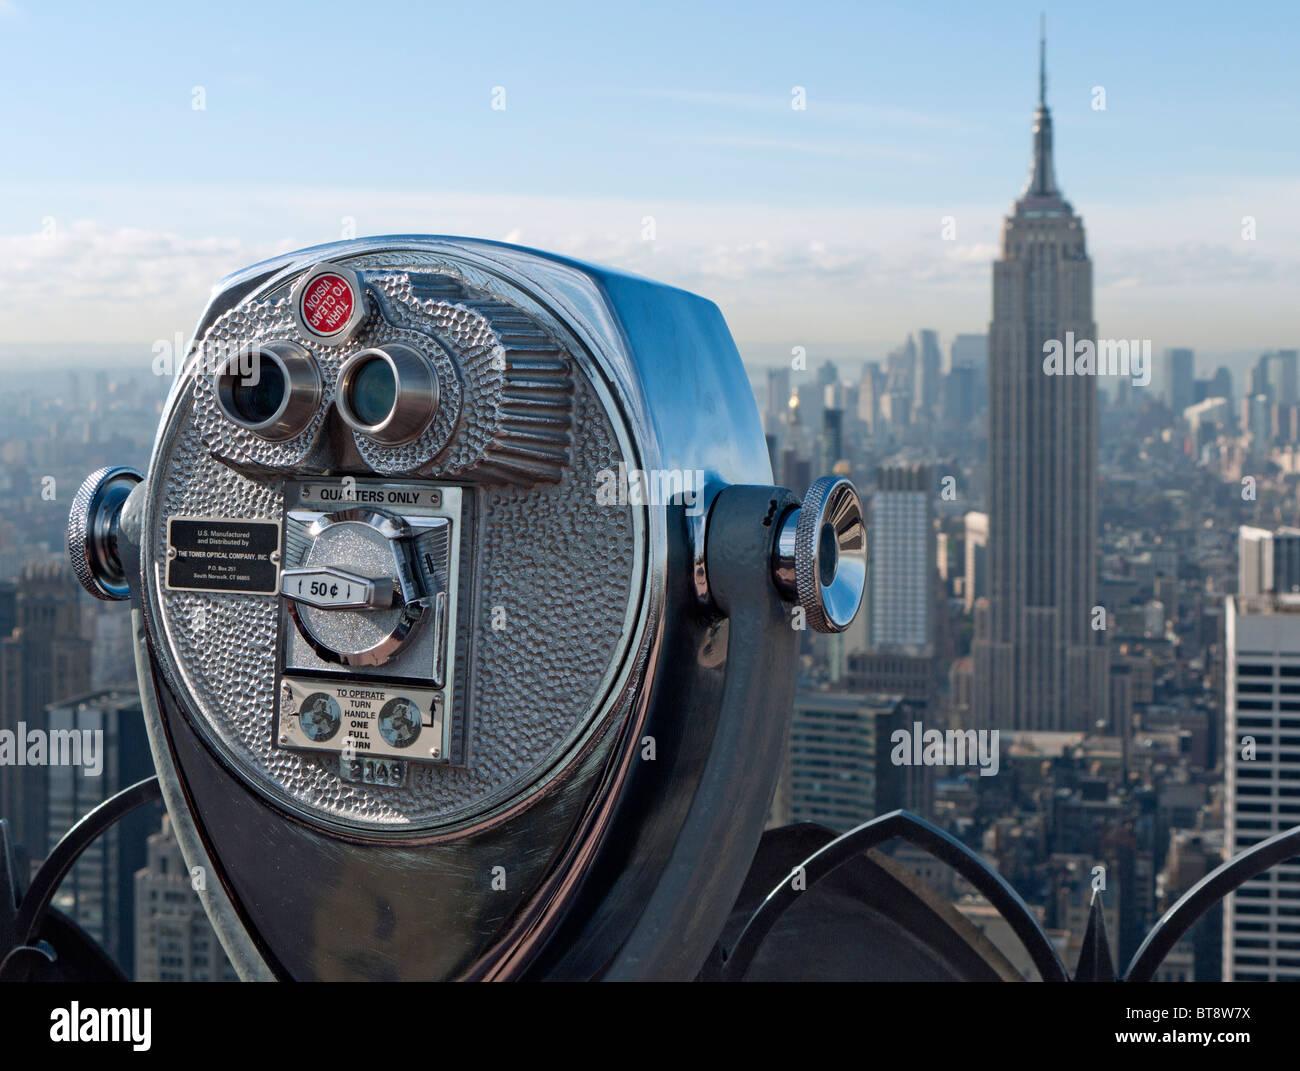 Öffentliche Pay Münz Fernglas auf The Rock Aussichtsplattform des Rockefeller Center in Manhattan New Stockbild